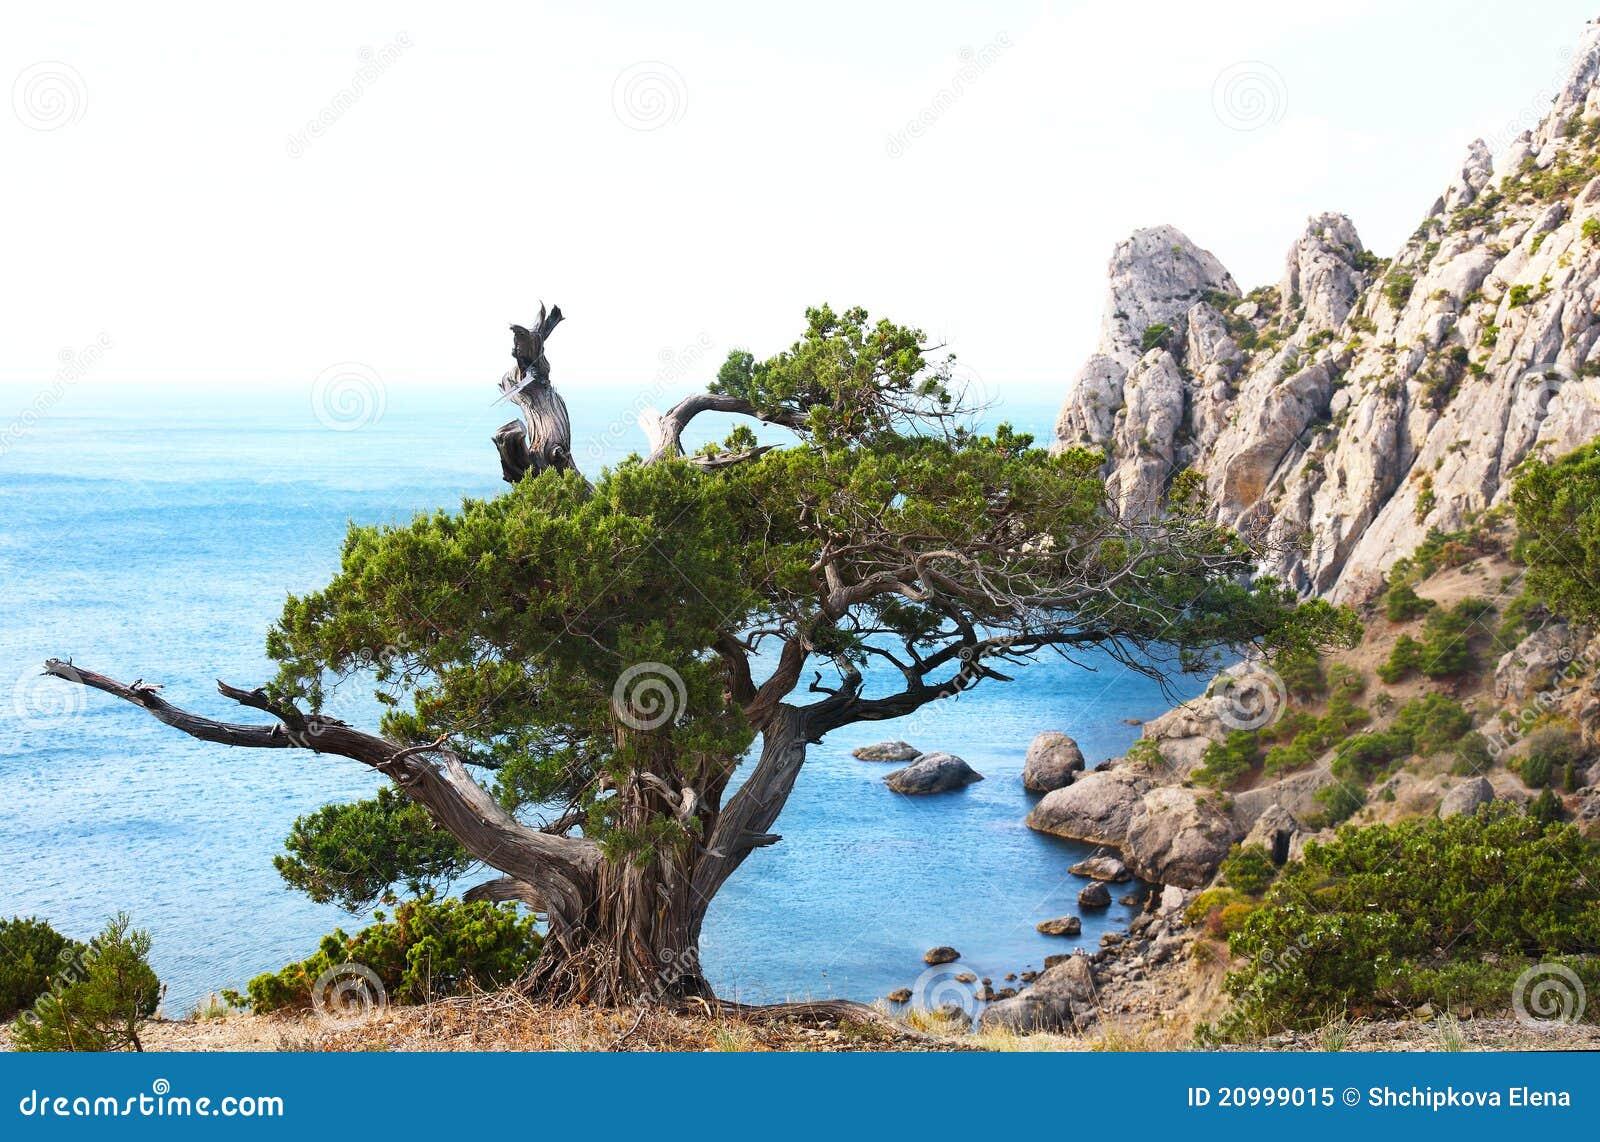 Juniper tree on rock